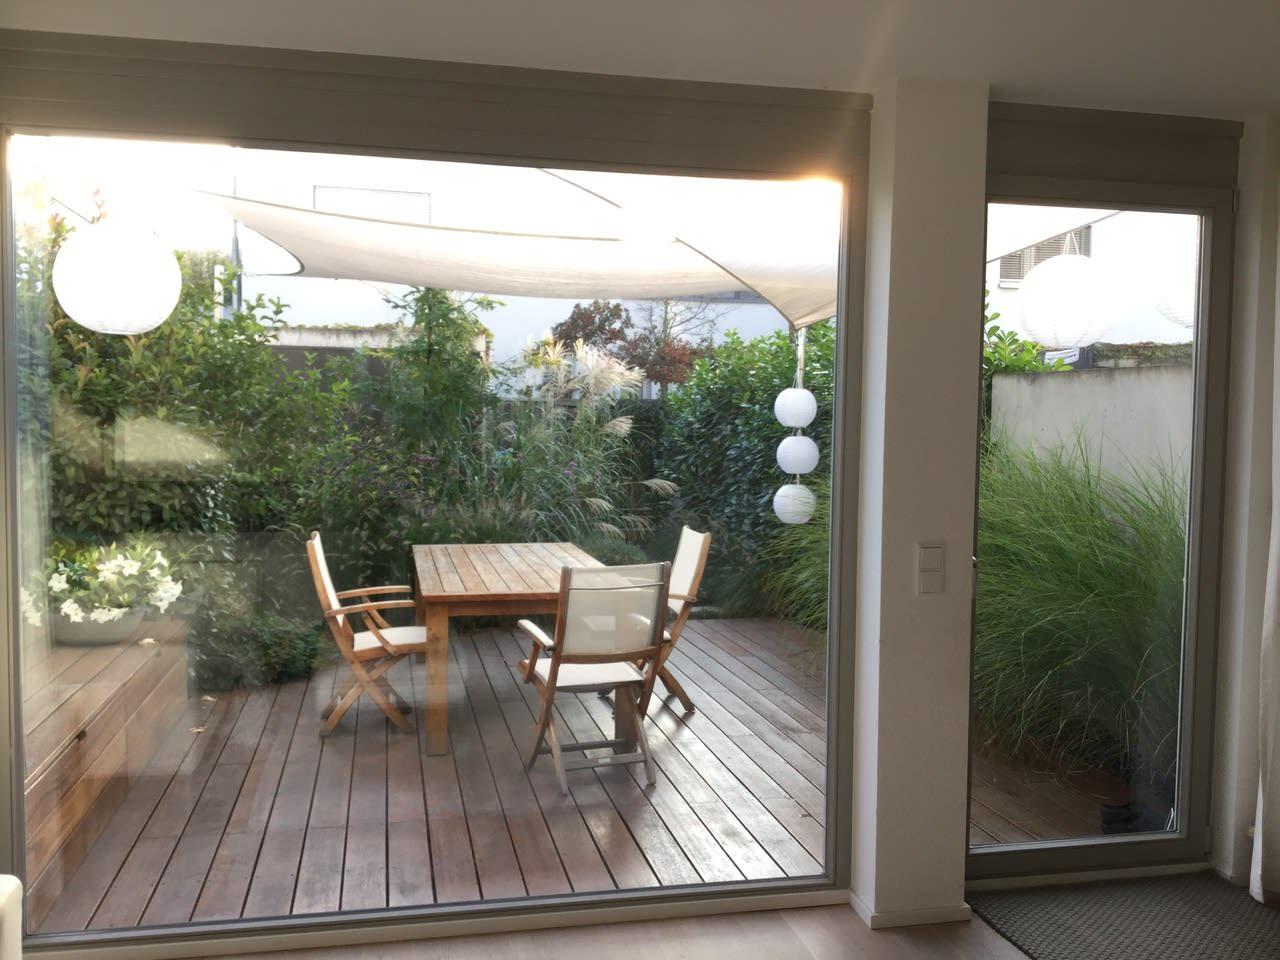 Garten mit Holzterrasse Spätsommer Bepflanzung